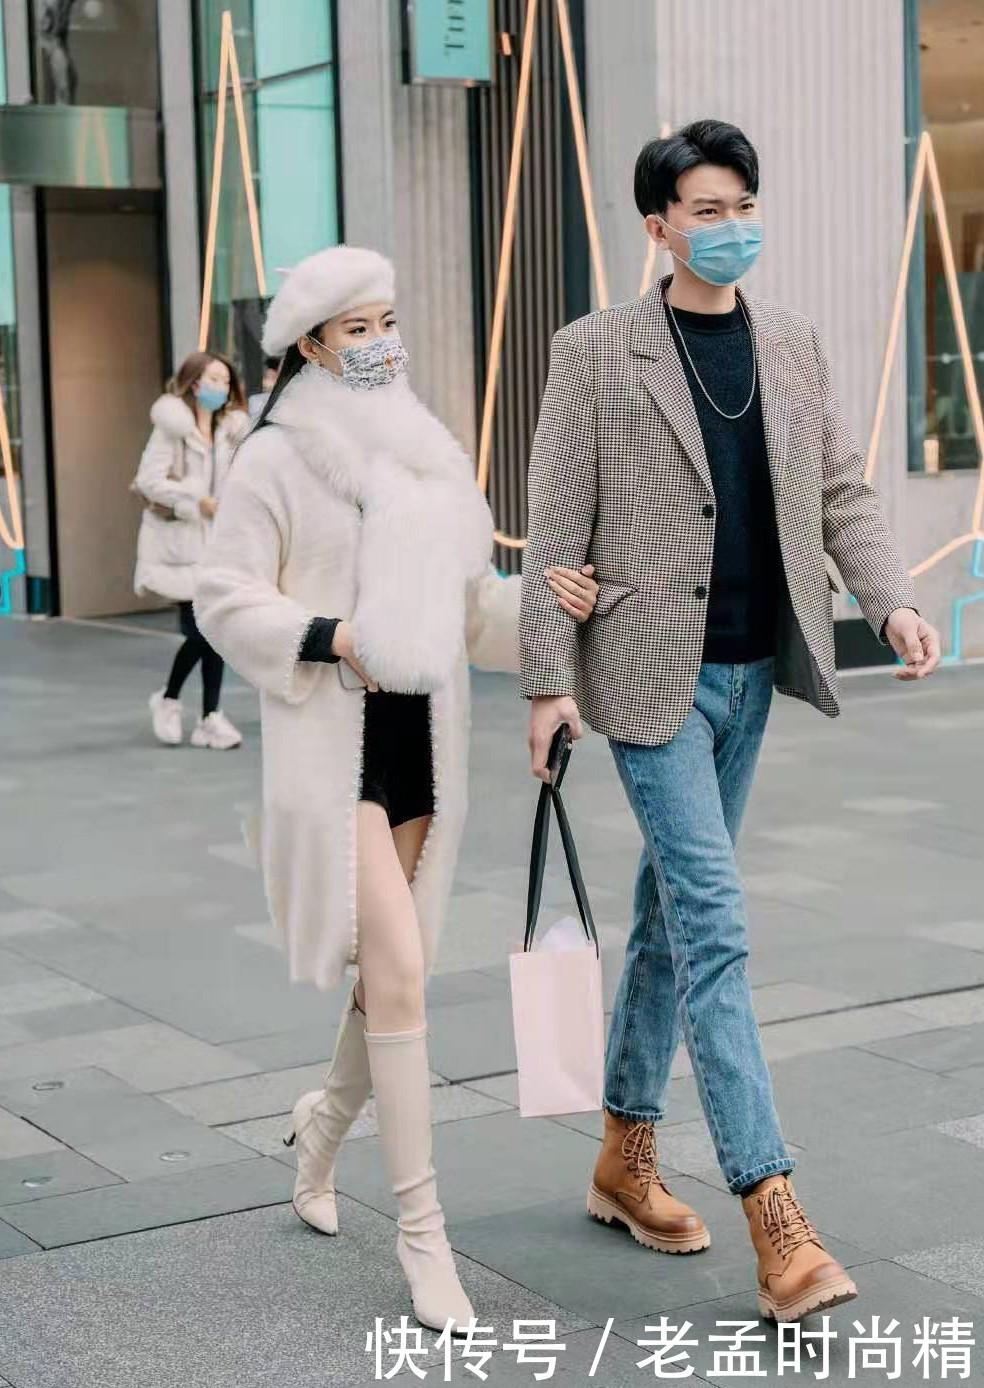 冬季穿衣气场不足?试试这些简洁大气的大衣穿搭,让你保暖又时髦